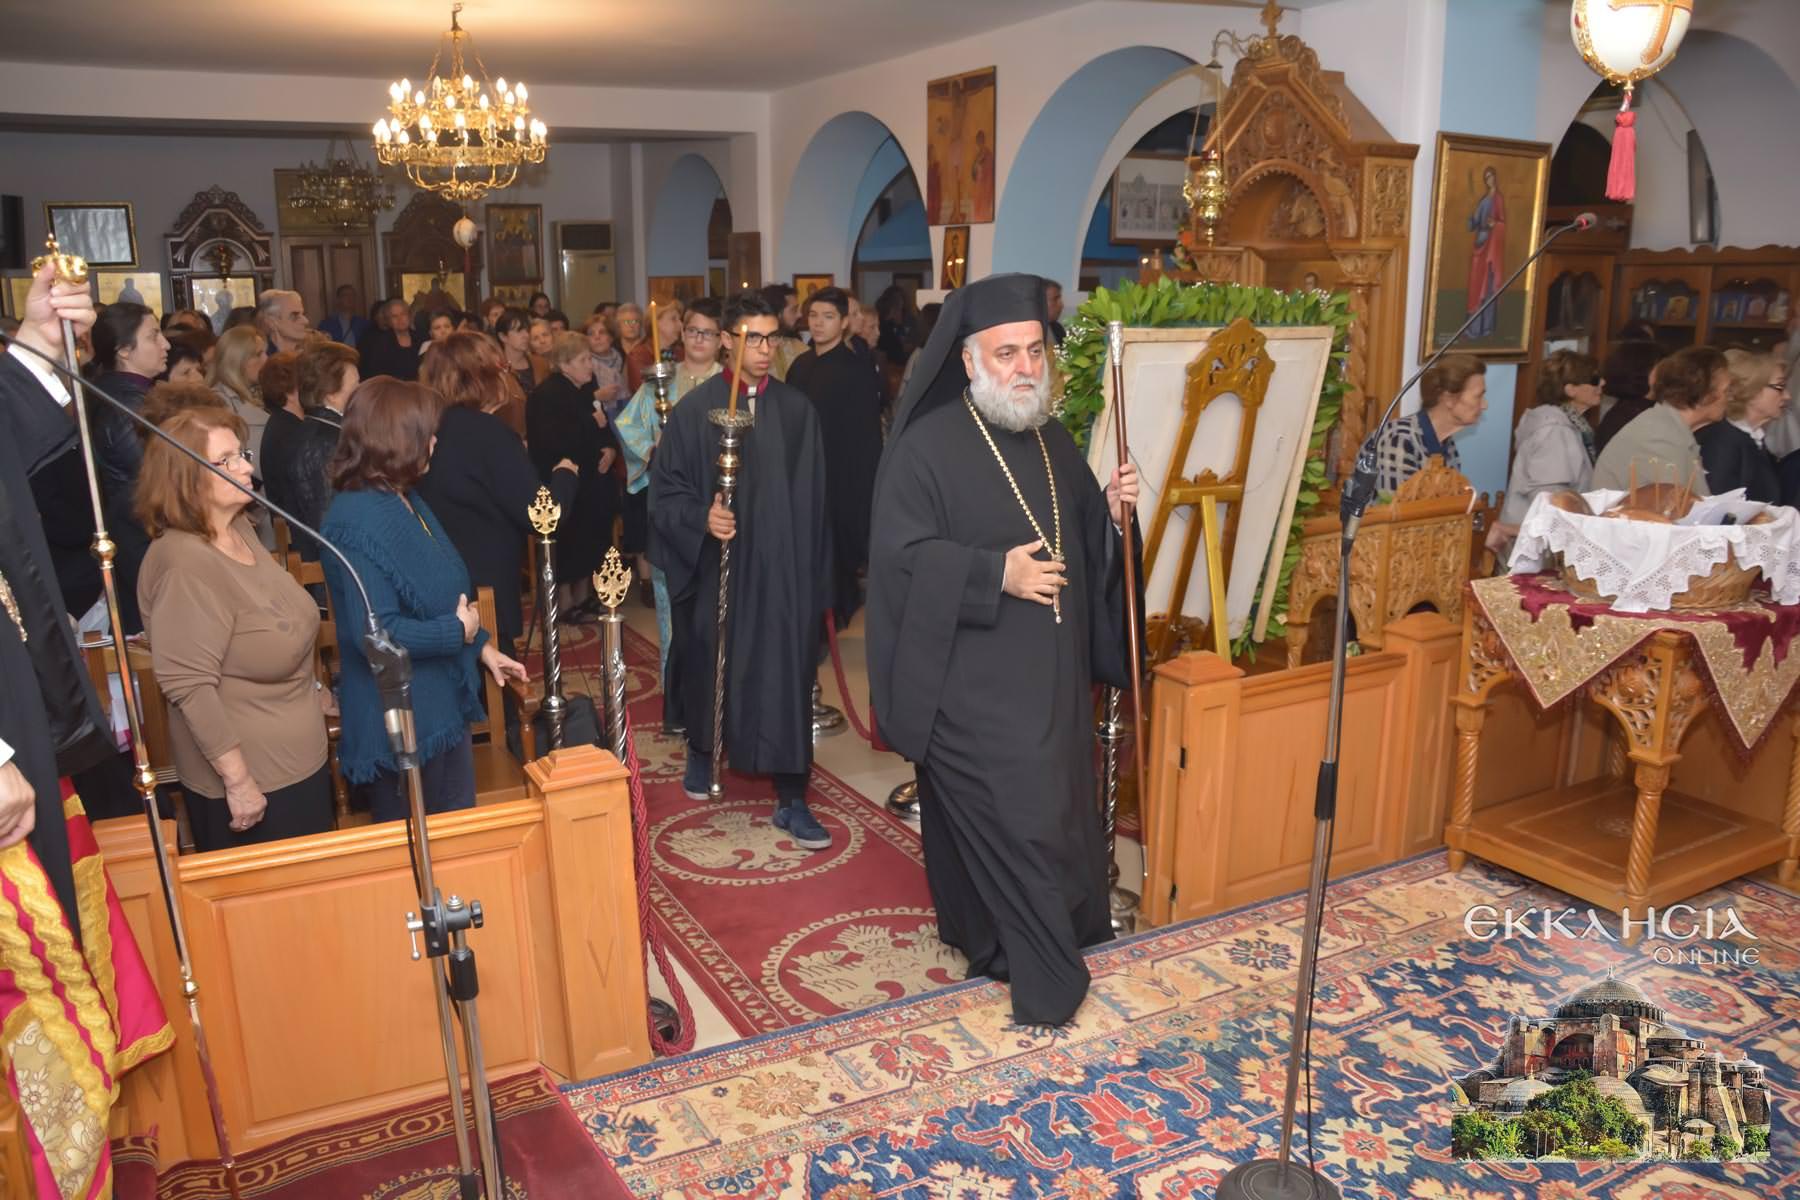 Άγιος Ακίνδυνος συν αυτώ Μάρτυρες Εσπερινός Άγιοι Ανάργυροι